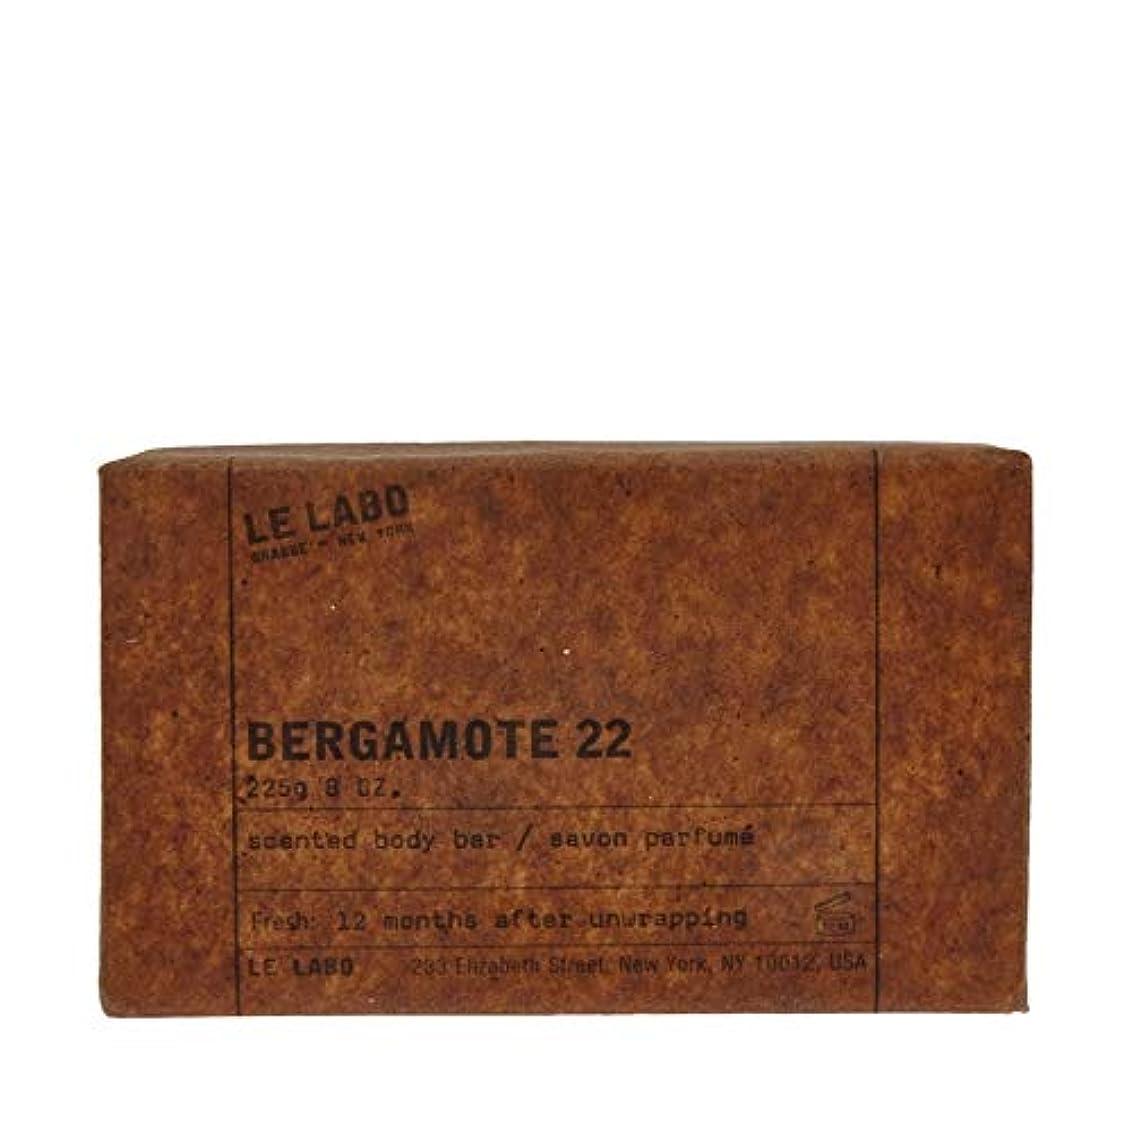 一般的なおとなしい忘れっぽい[Le Labo ] ルラボBergamote 22石鹸225グラム - Le Labo Bergamote 22 Soap 225g [並行輸入品]